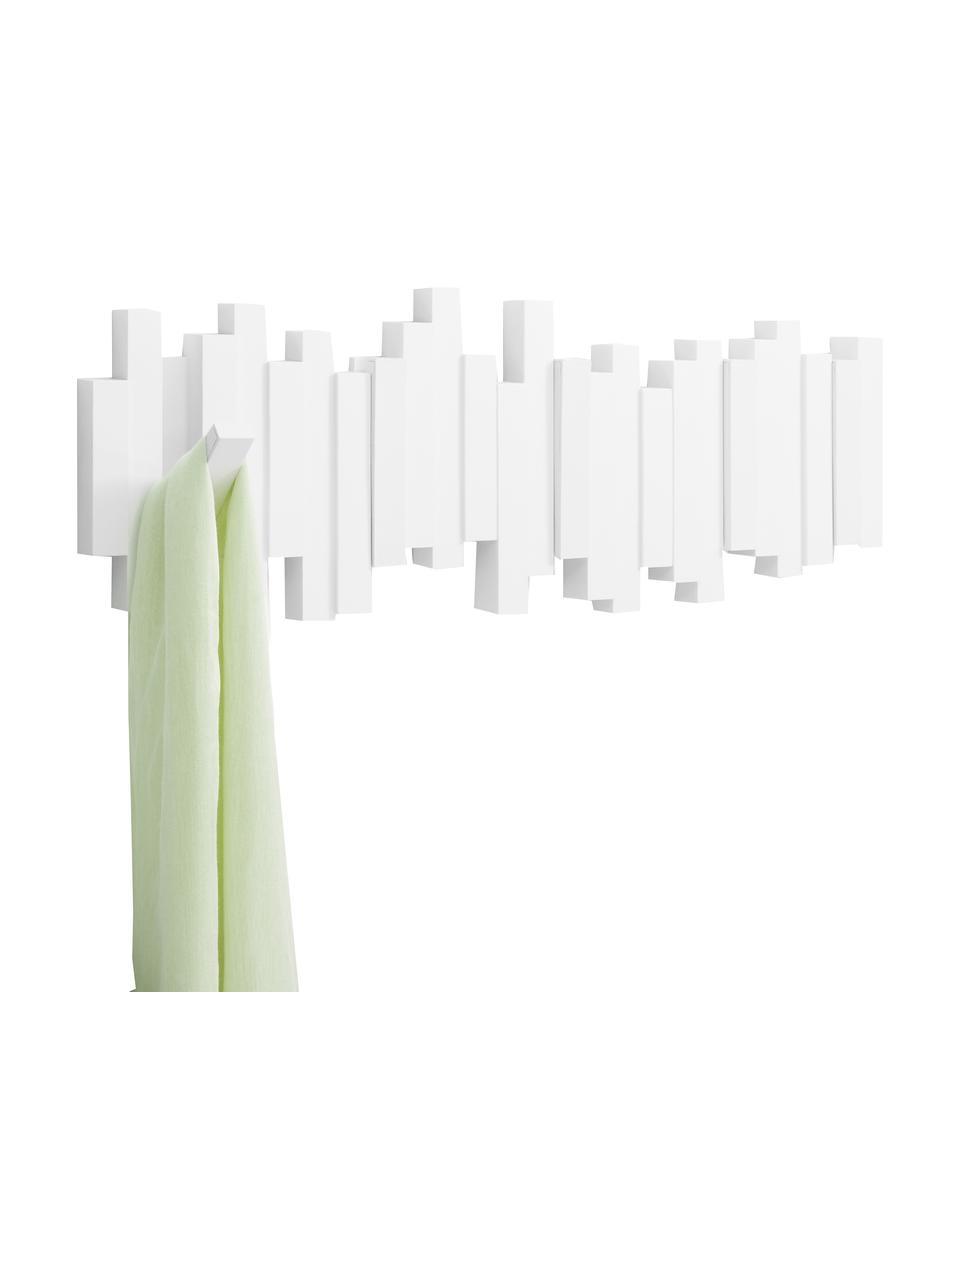 Garderobenhaken Sticks in Weiß, Kunststoff, Weiß, 48 x 18 cm